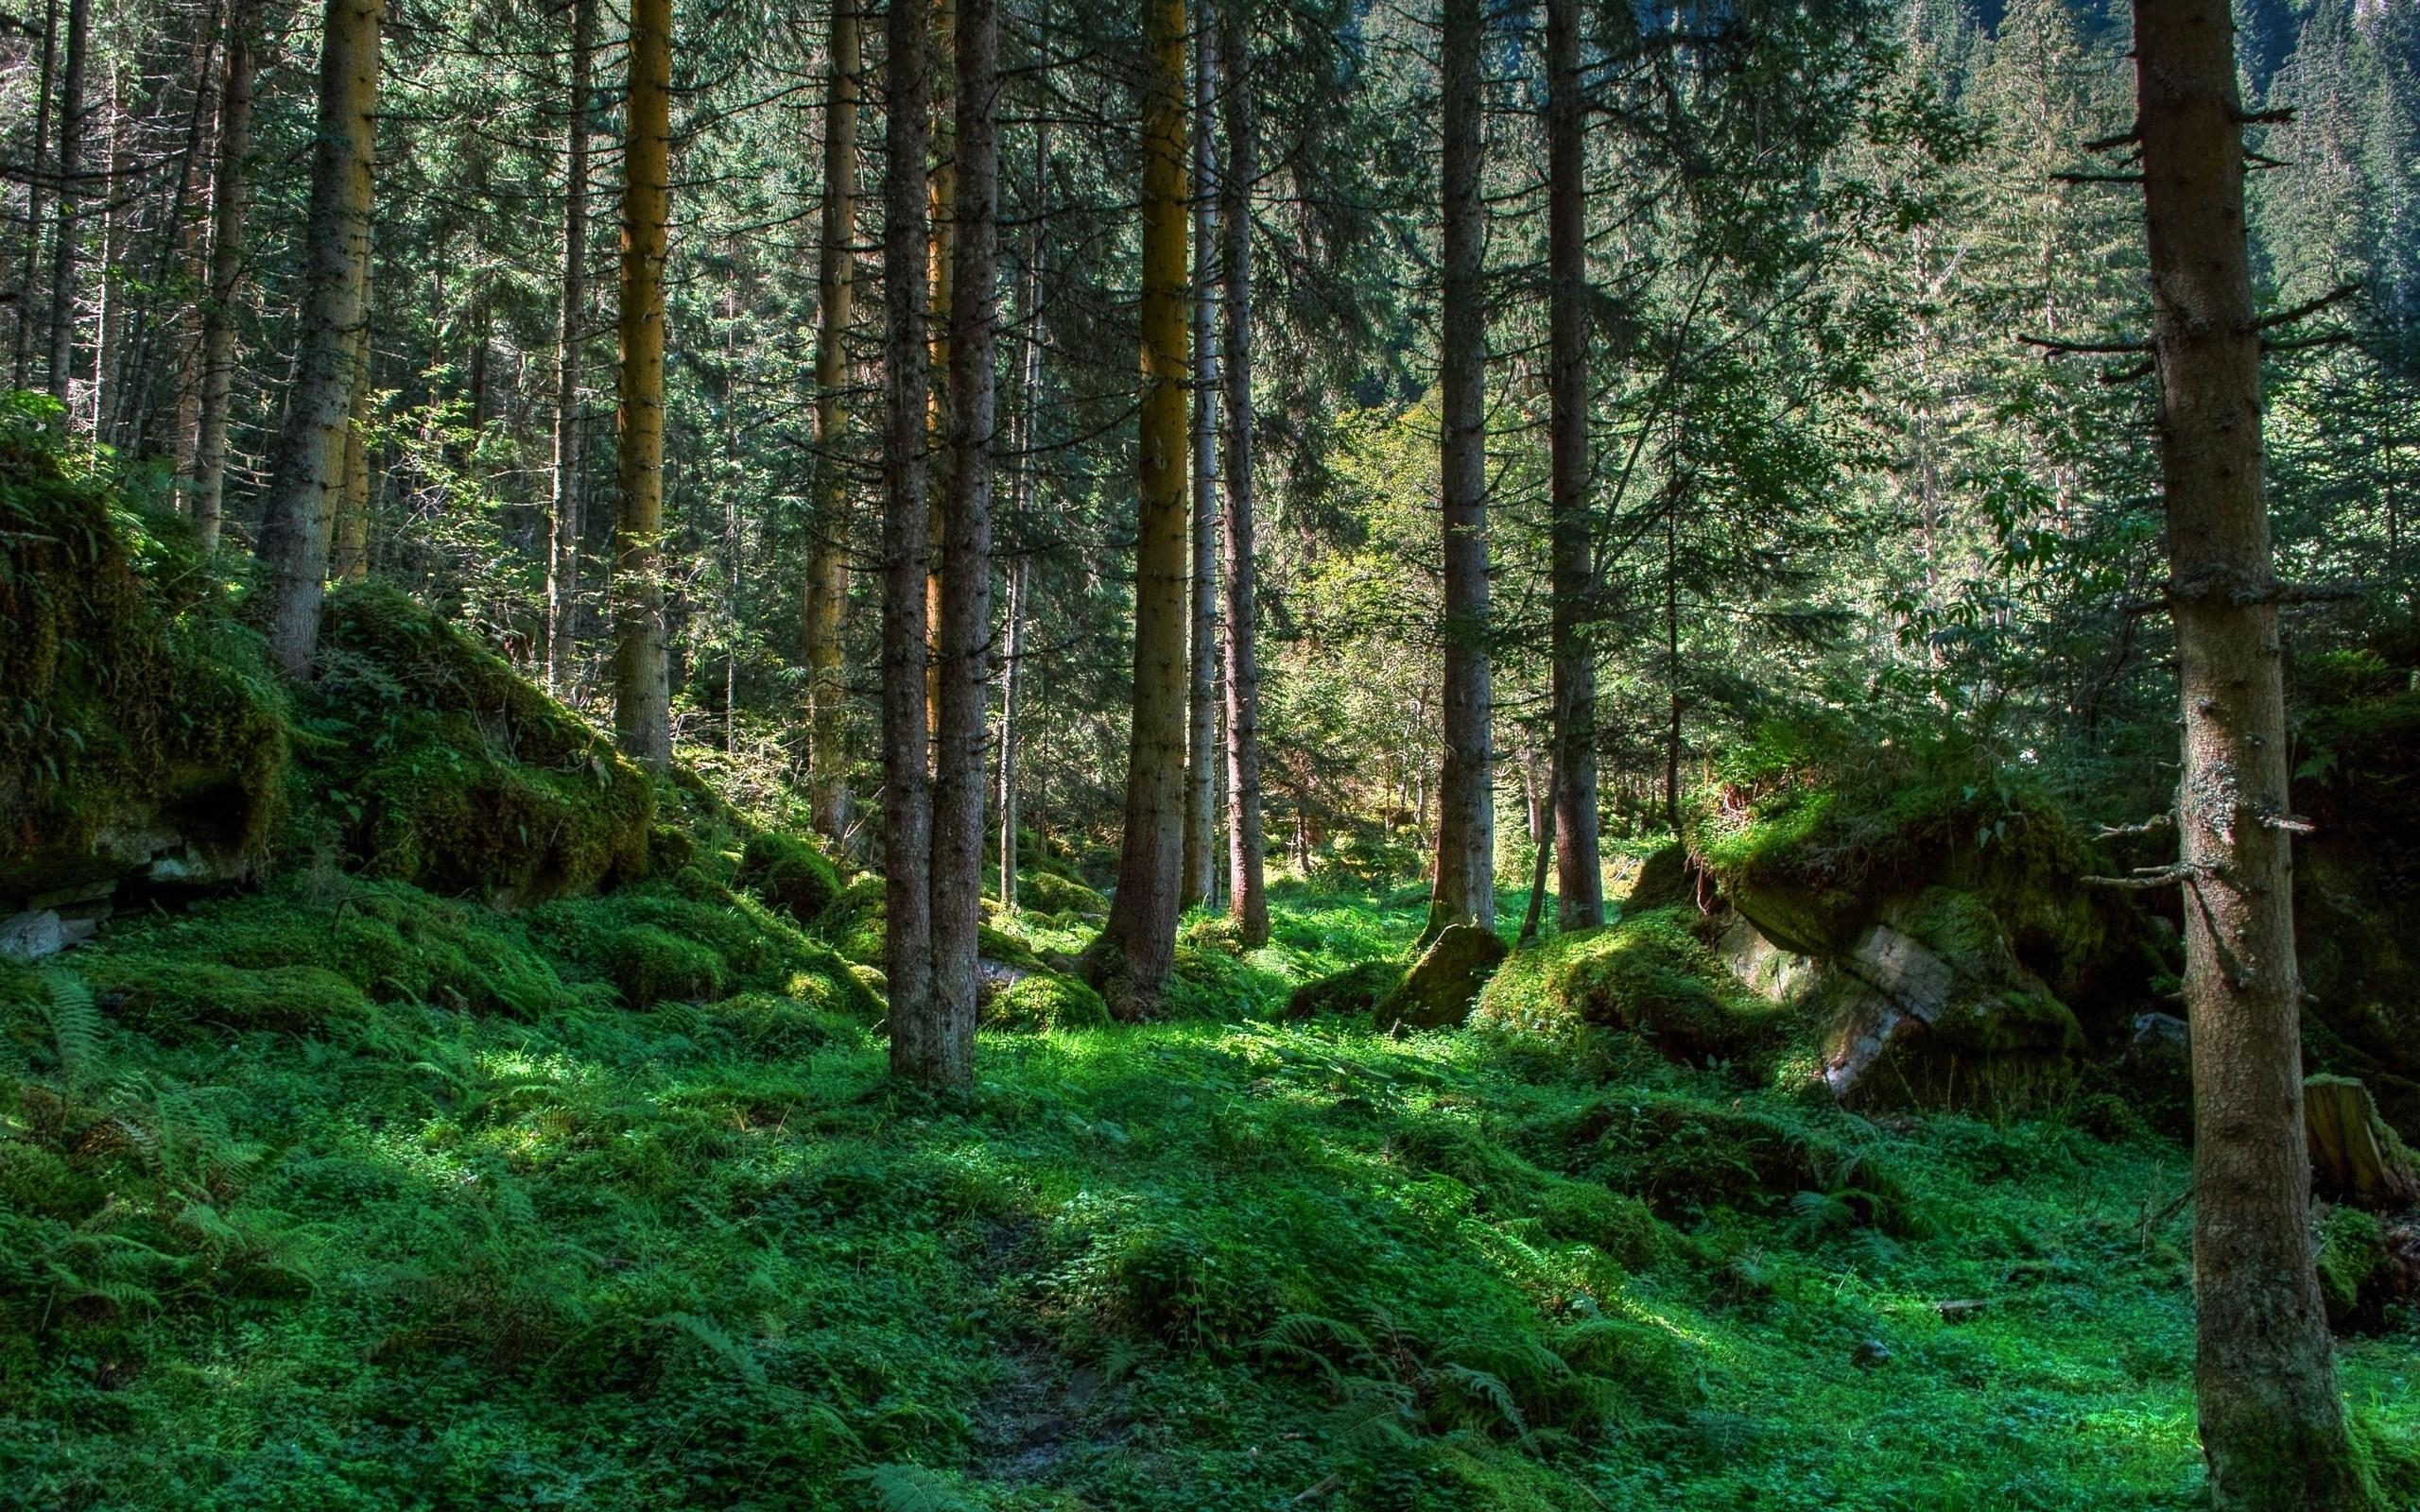 фото обои на рабочий стол природа лес меня встретите некоторые